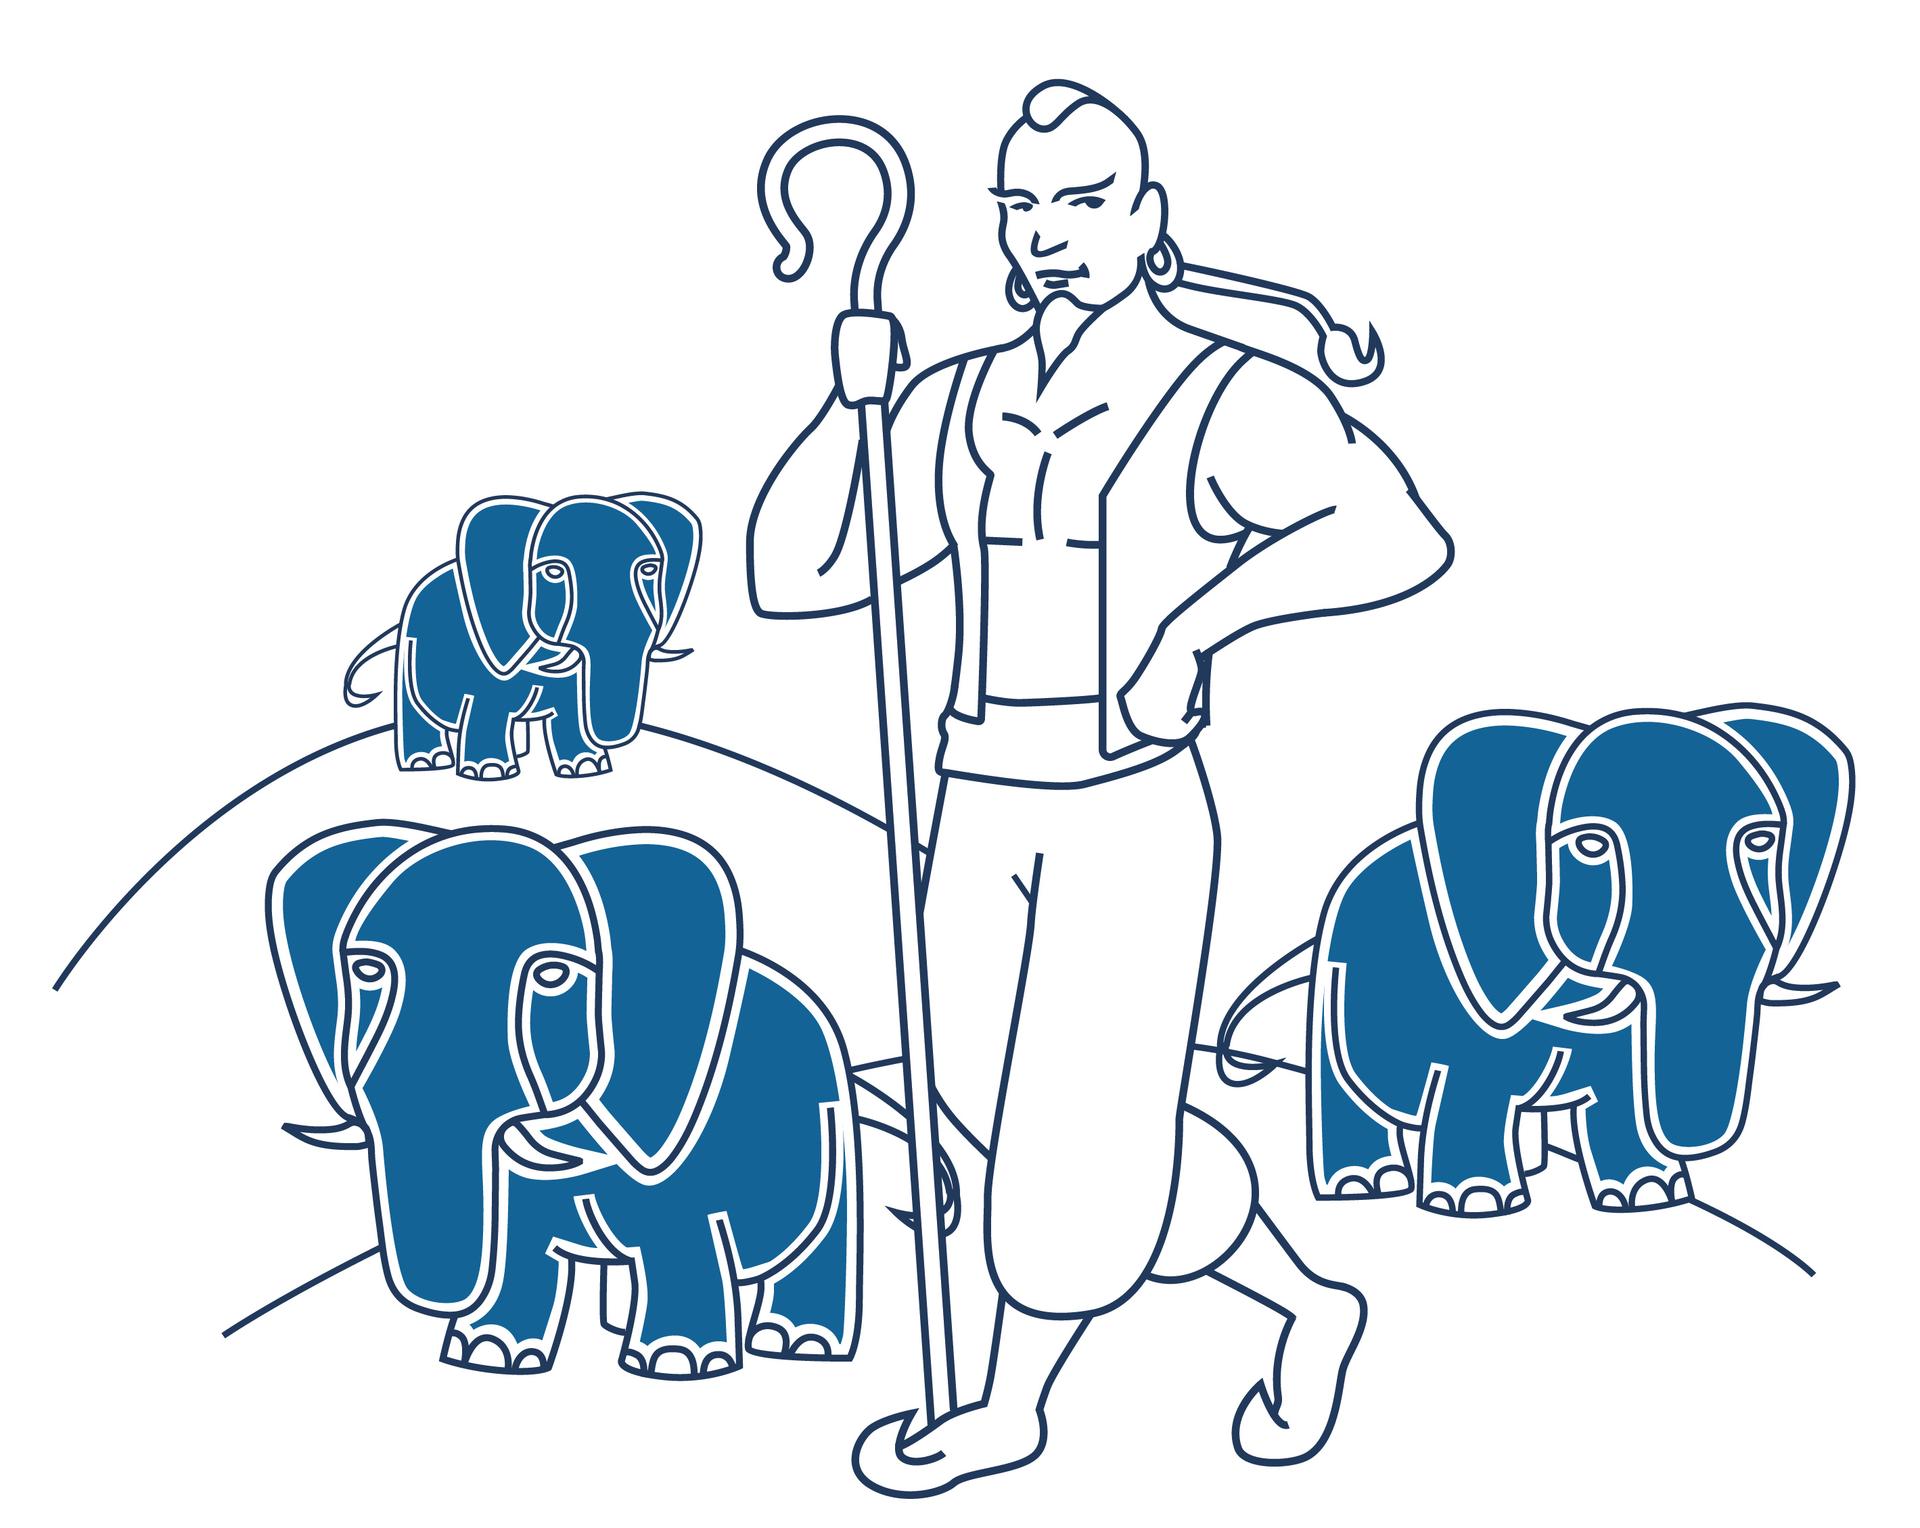 Дизайн и эволюция Хоттабыча - 6